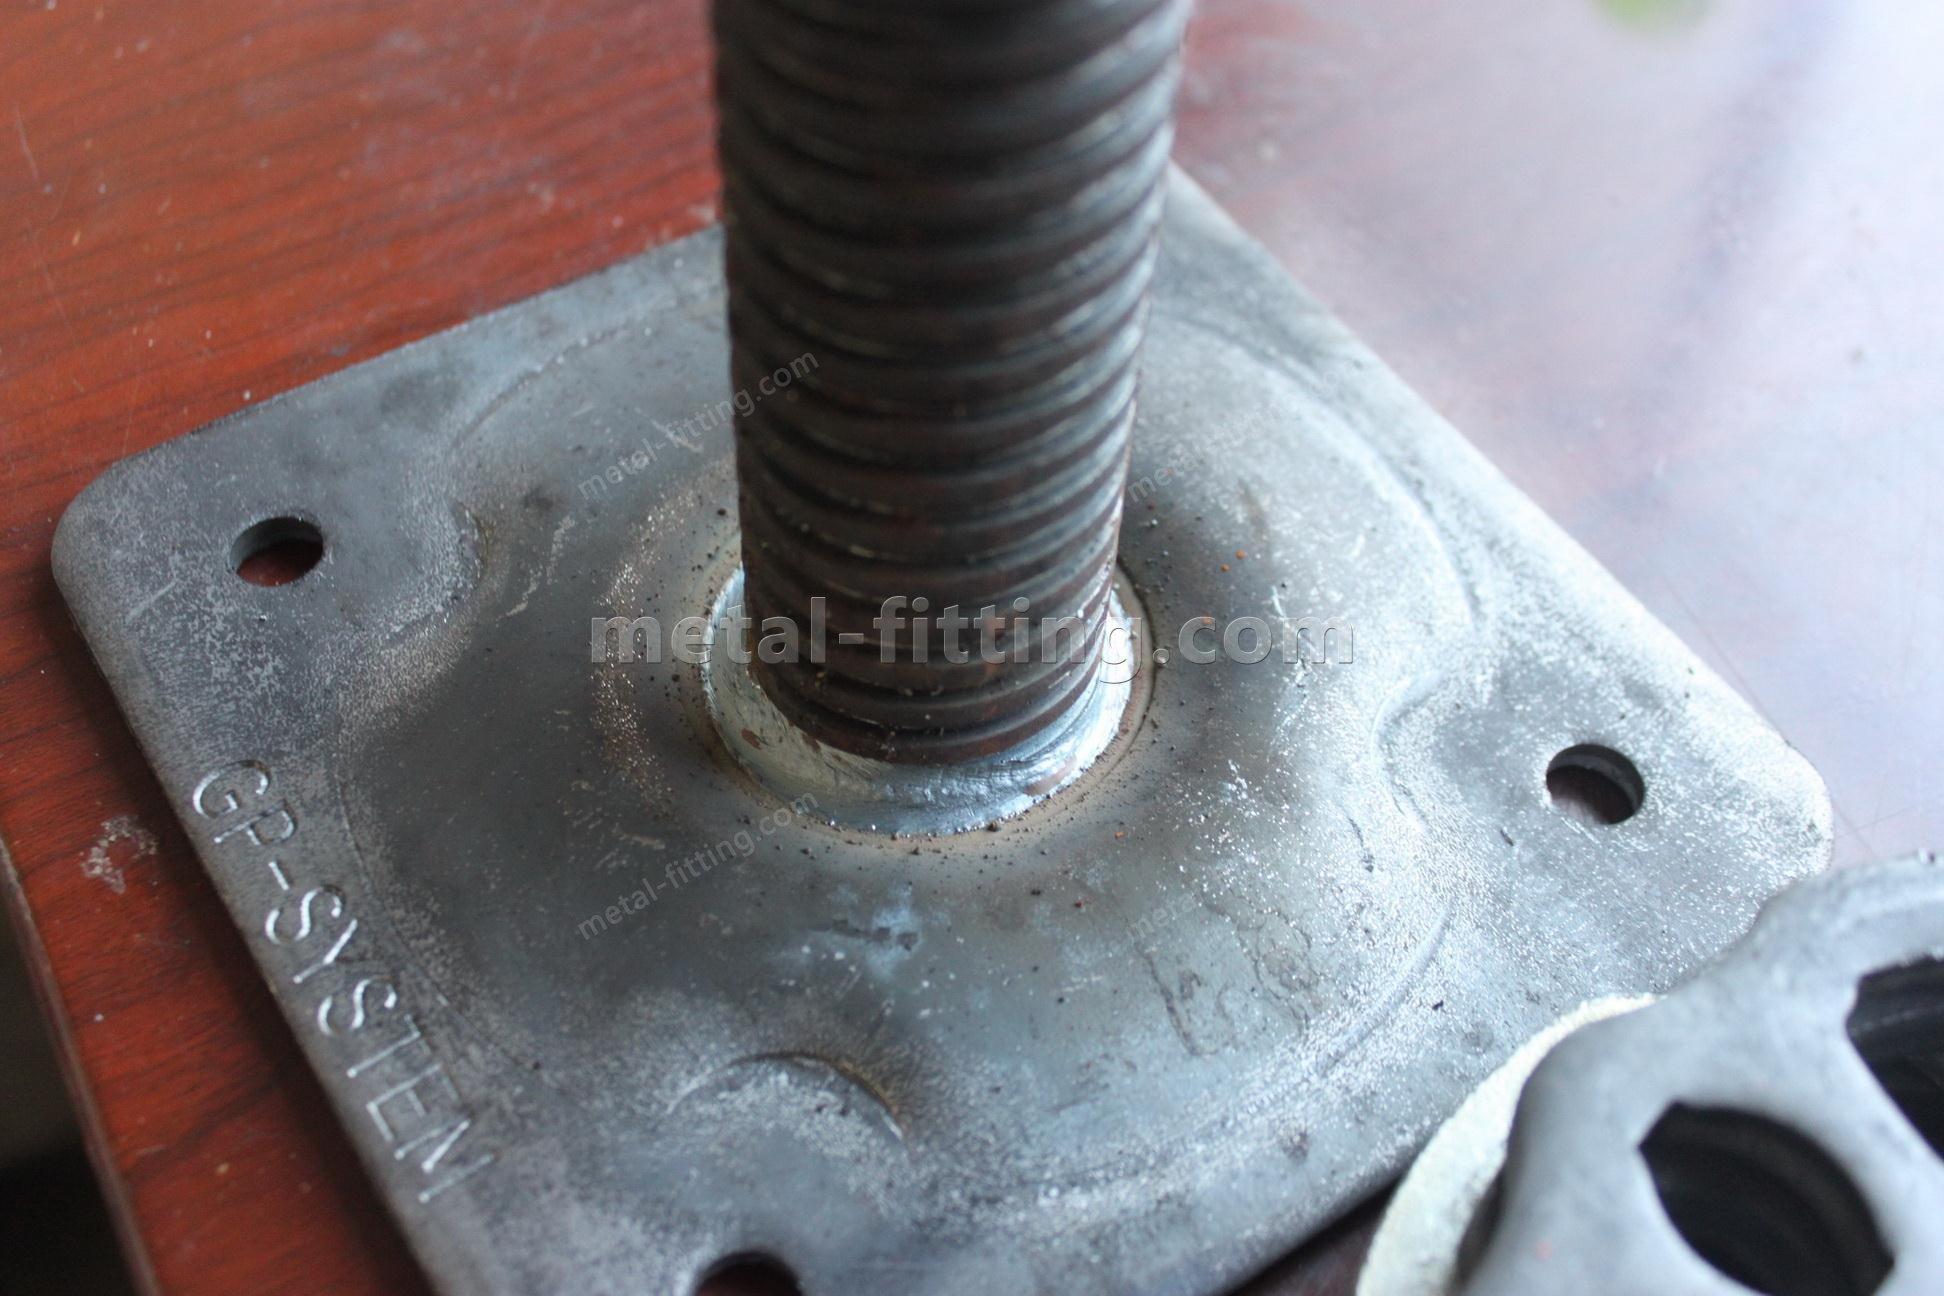 scaffolding standards jack base,scaffolding,scaffold part-scaffold standard